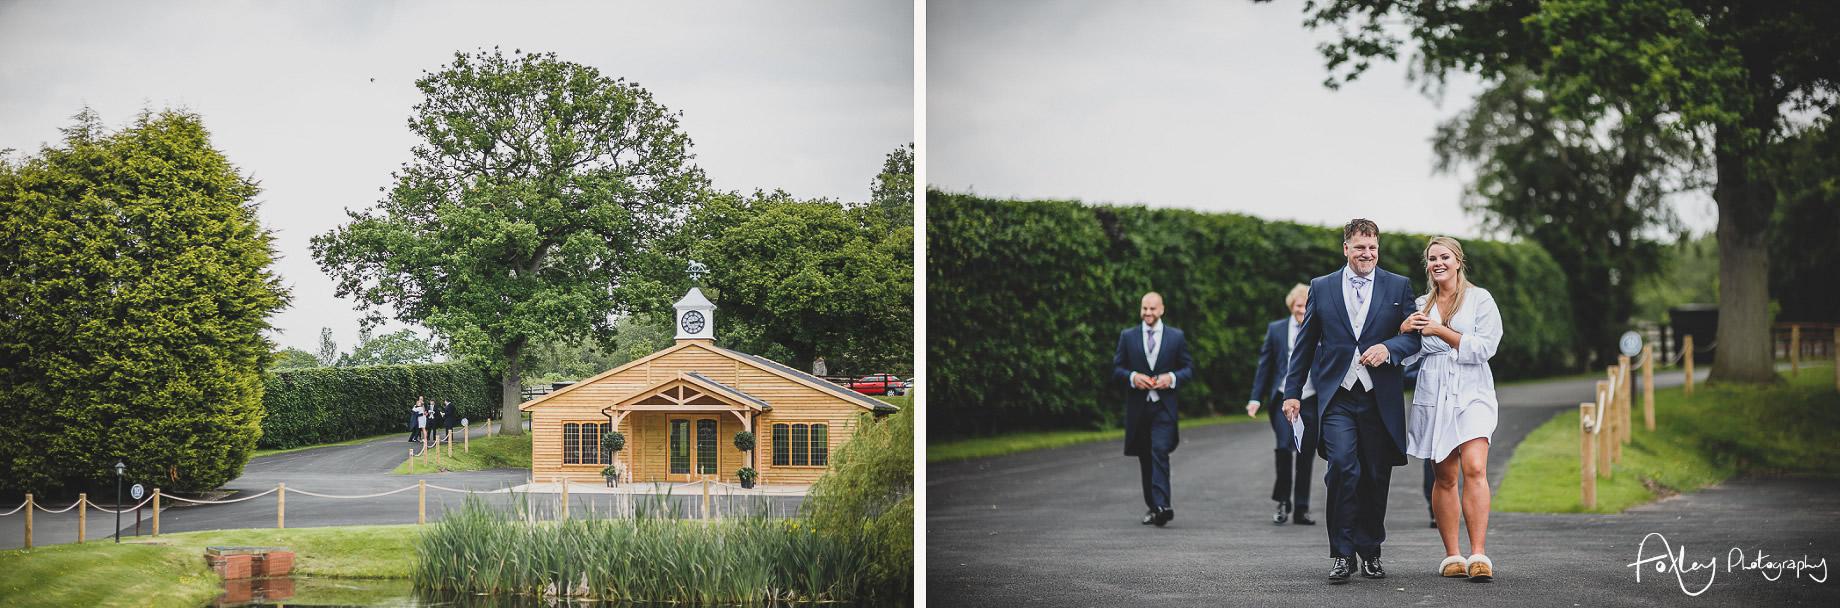 Simona-and-Robert-Wedding-at-Colshaw-Hall-042